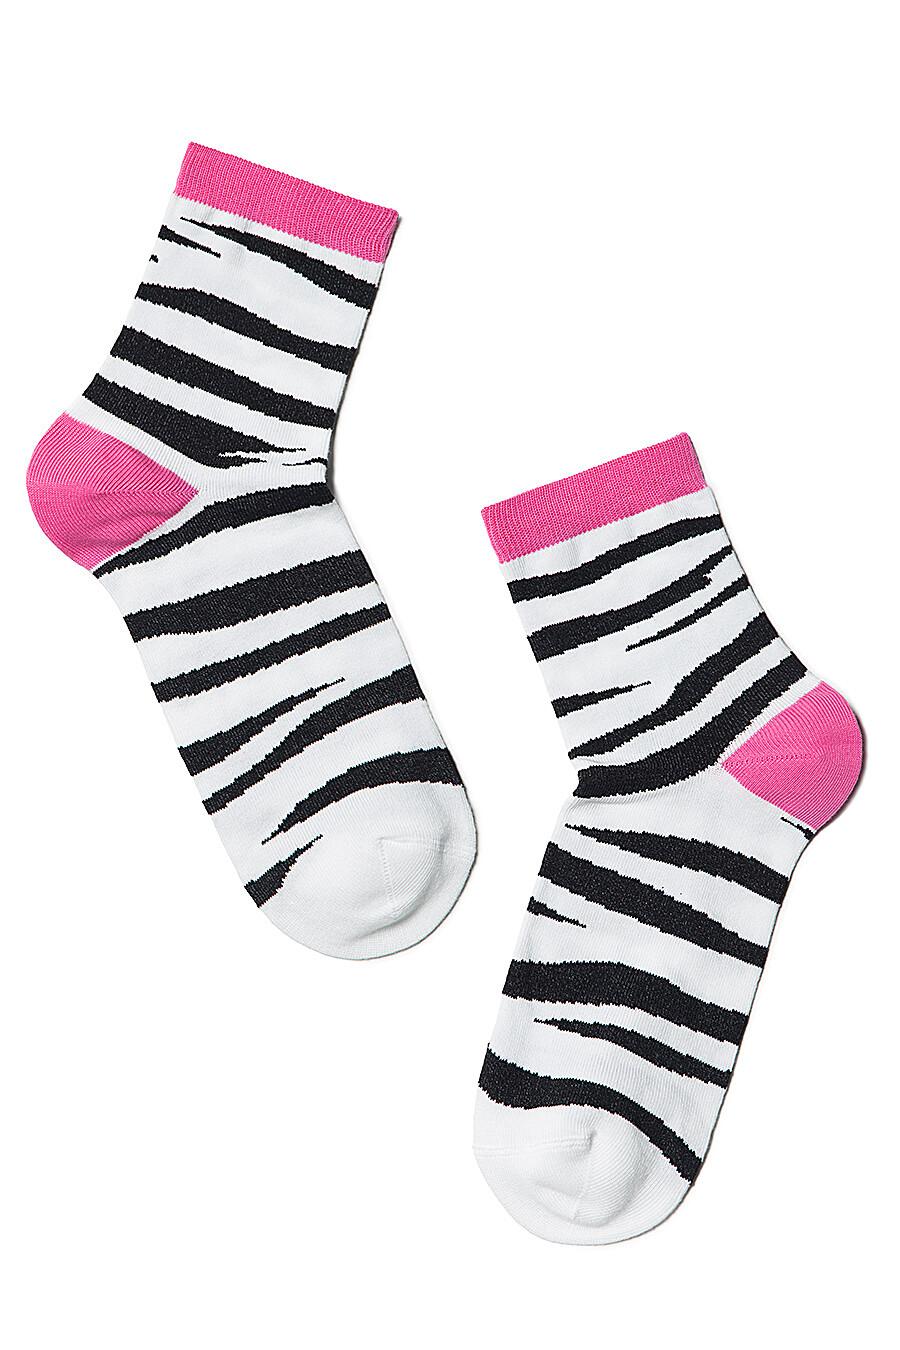 Носки для женщин CONTE ELEGANT 165283 купить оптом от производителя. Совместная покупка женской одежды в OptMoyo